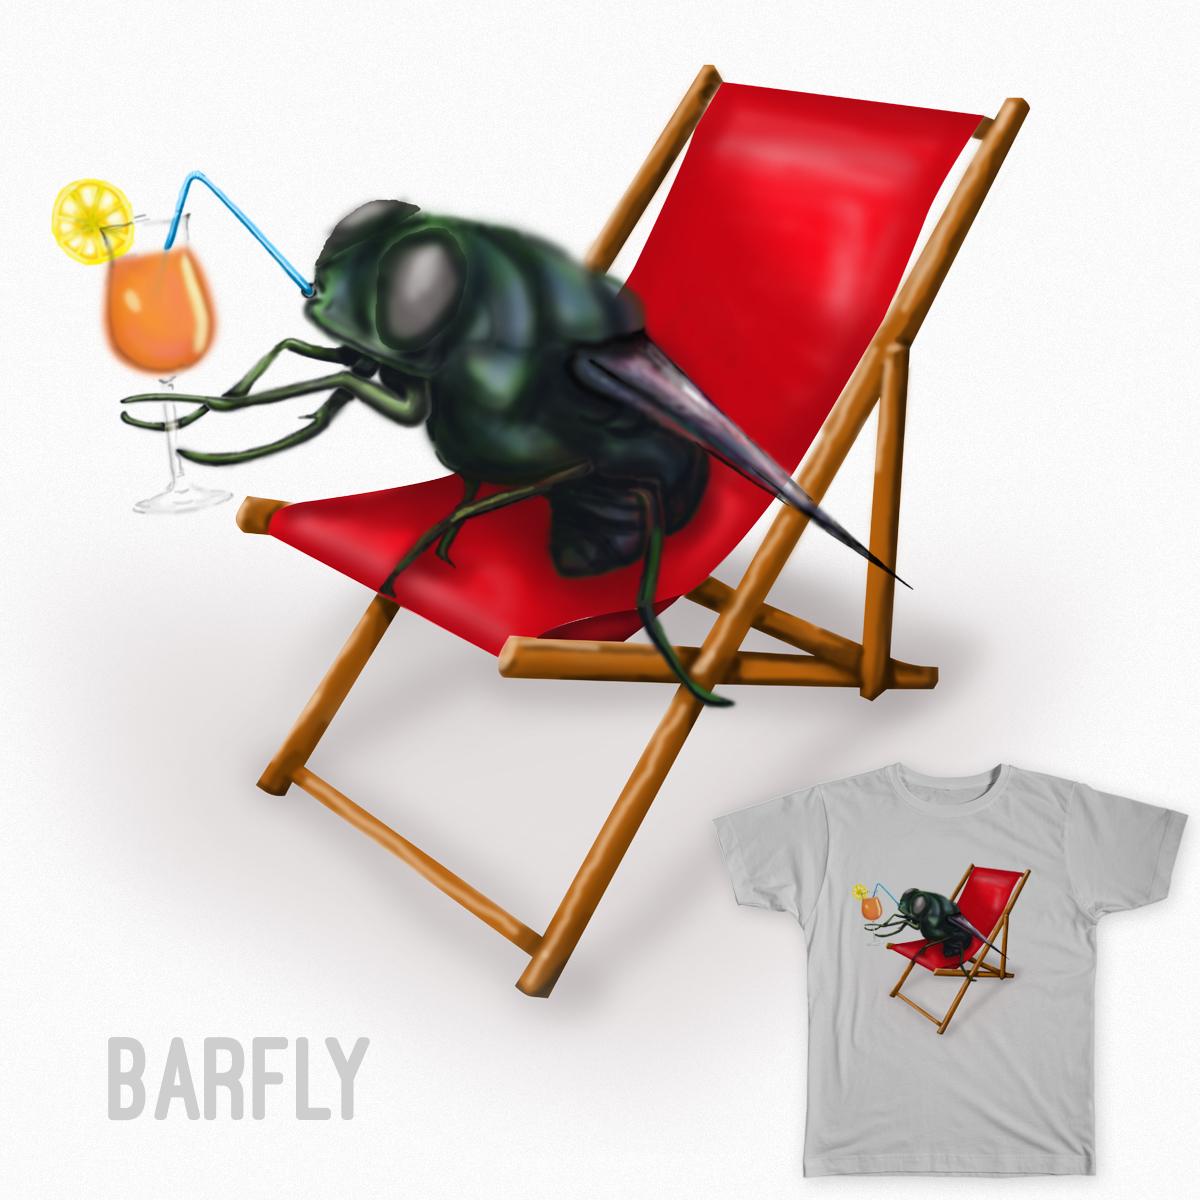 BarFly by katecreates on Threadless